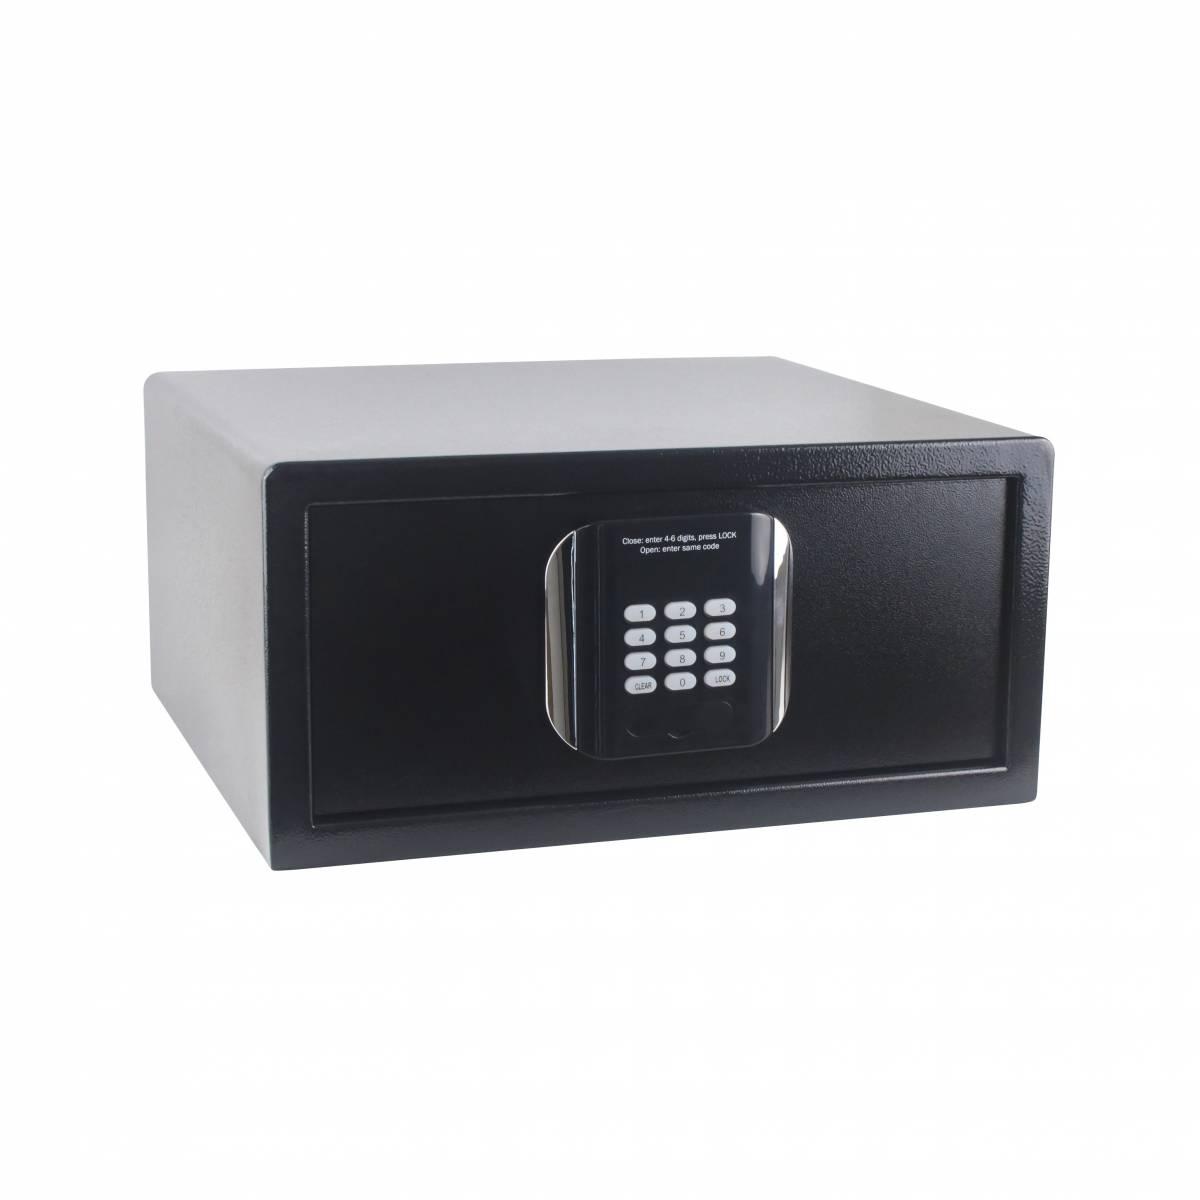 Сейф гостиничный E2042MJ, мебельный формат Laptop E2042MJ HSG